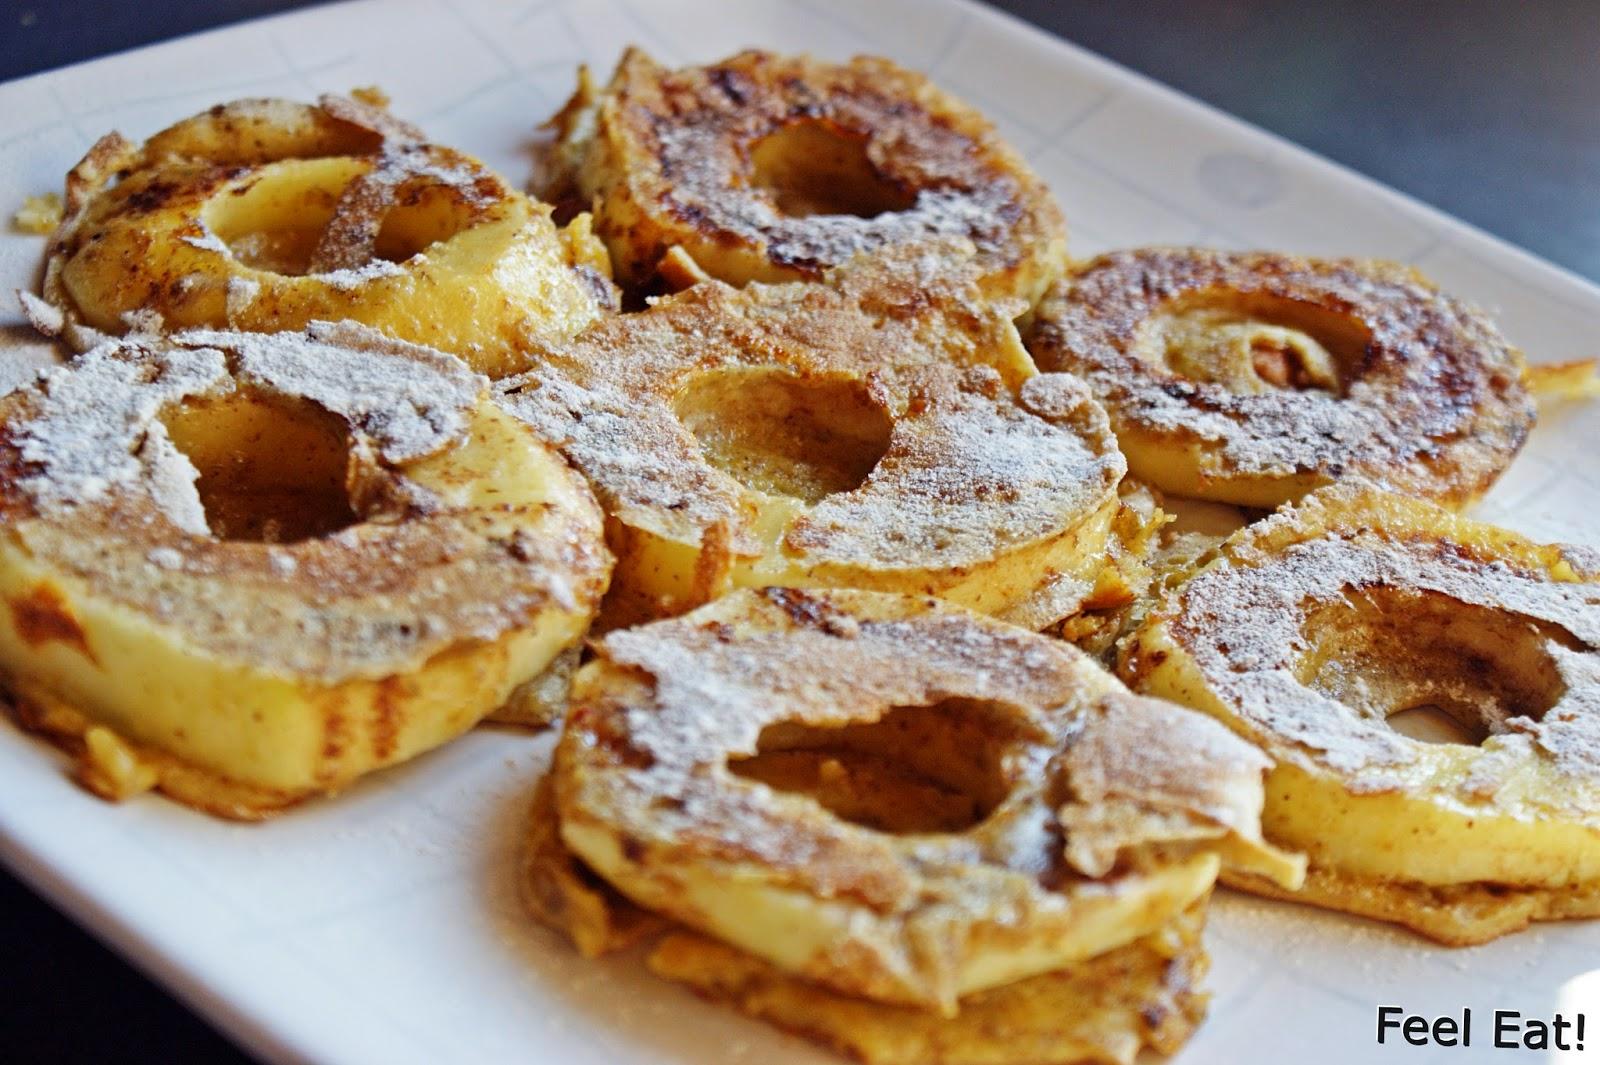 DSC07087 - Dietetyczne śniadanie- jabłka w pełnoziarnistym cieście :)